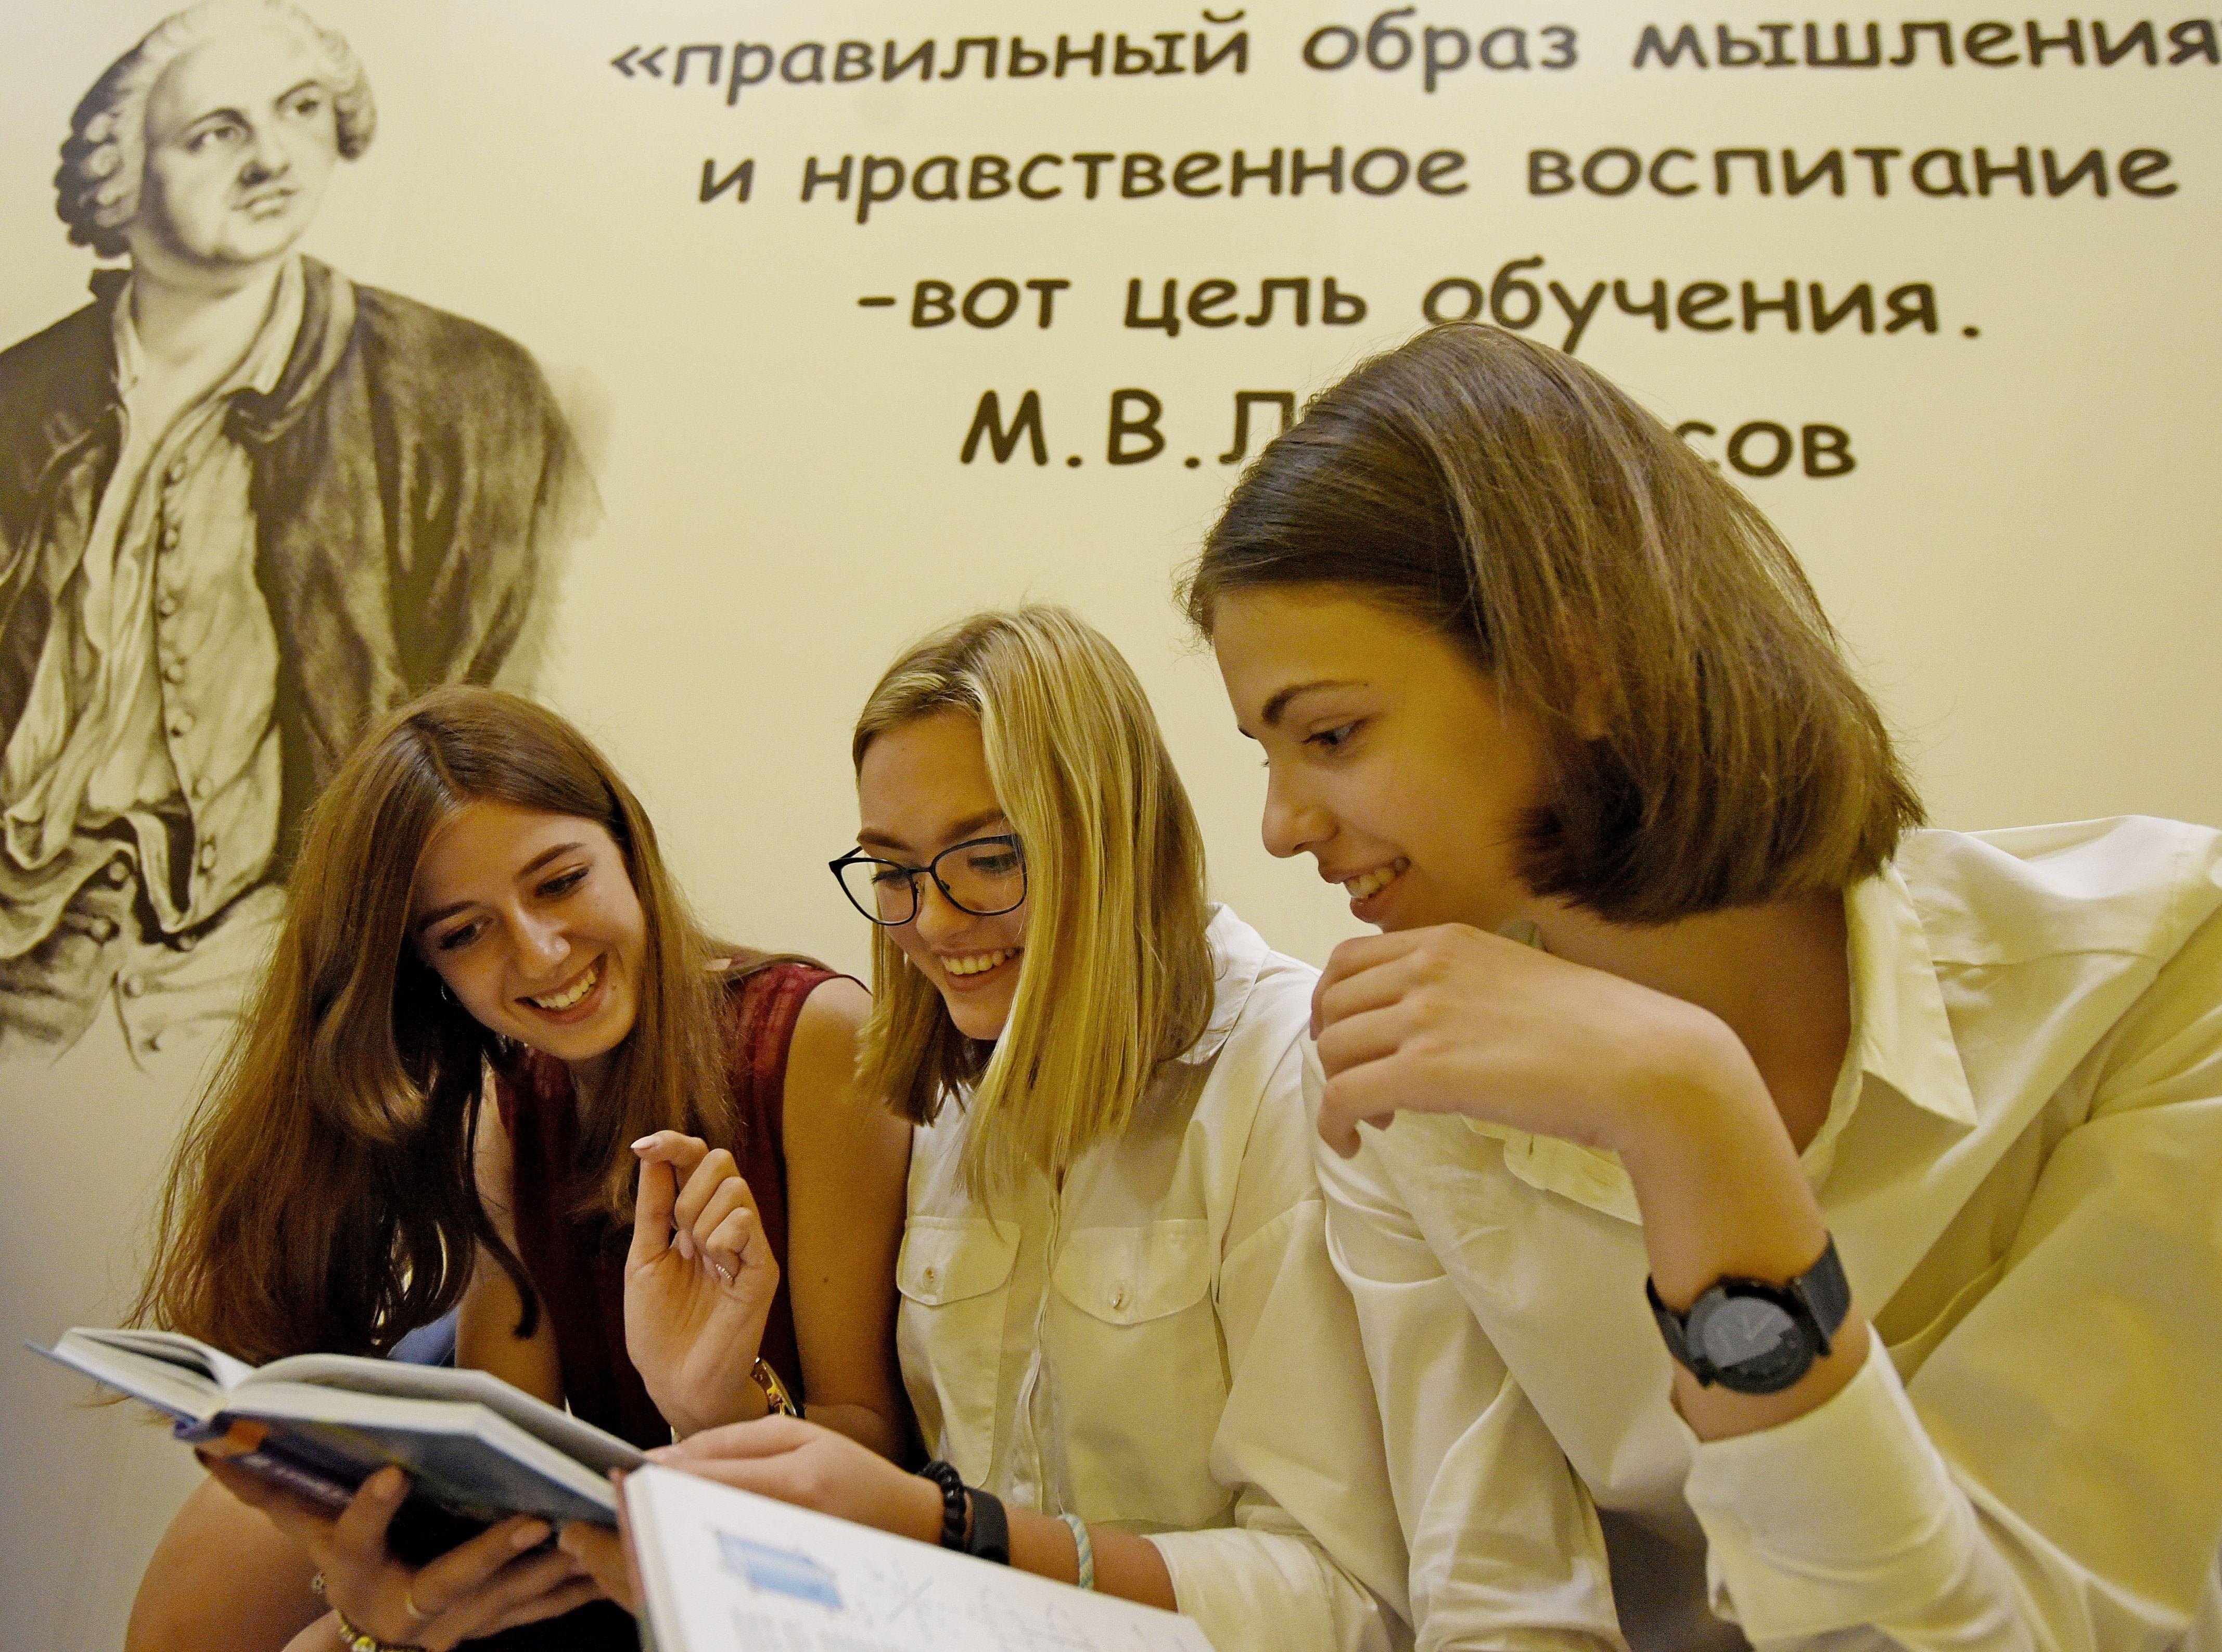 Московское образование признали одним из мировых лидеров